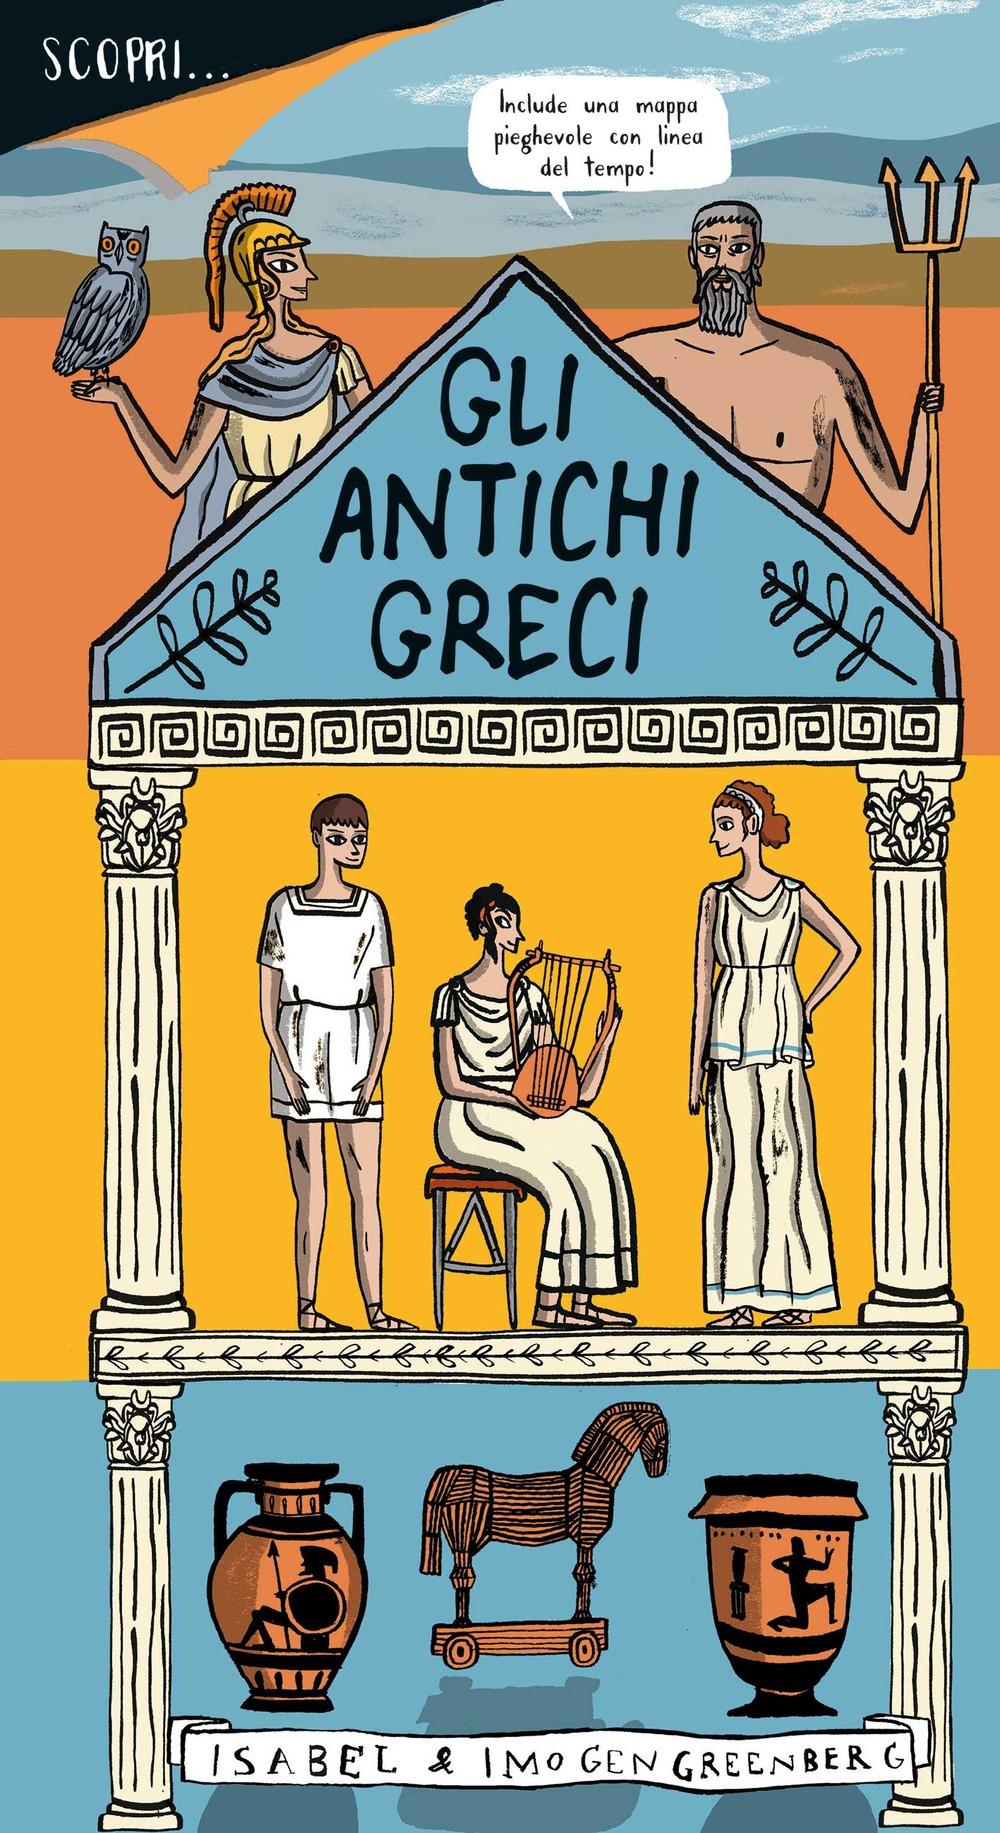 Scopri... gli antichi greci. Ediz. a colori